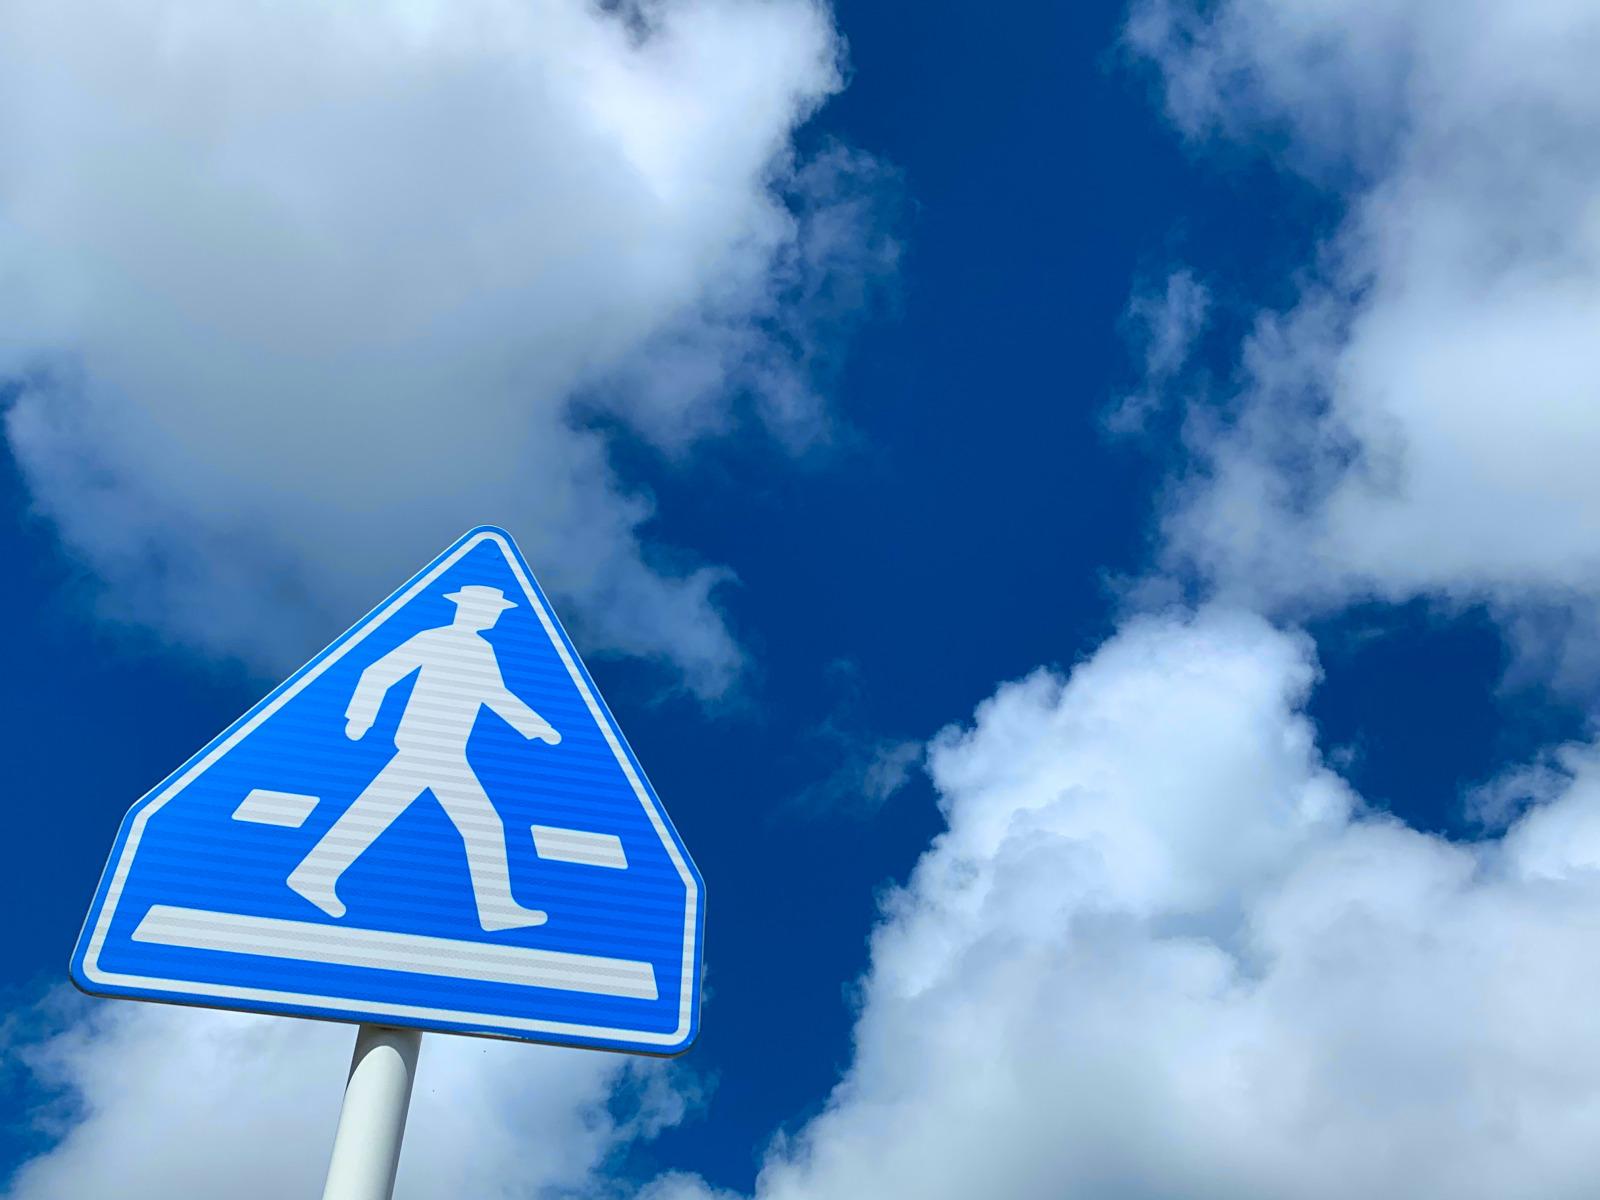 「覚えていますか「横断歩道は歩行者優先」。無視して通過すると大事故や罰則も! 」の7枚目の画像